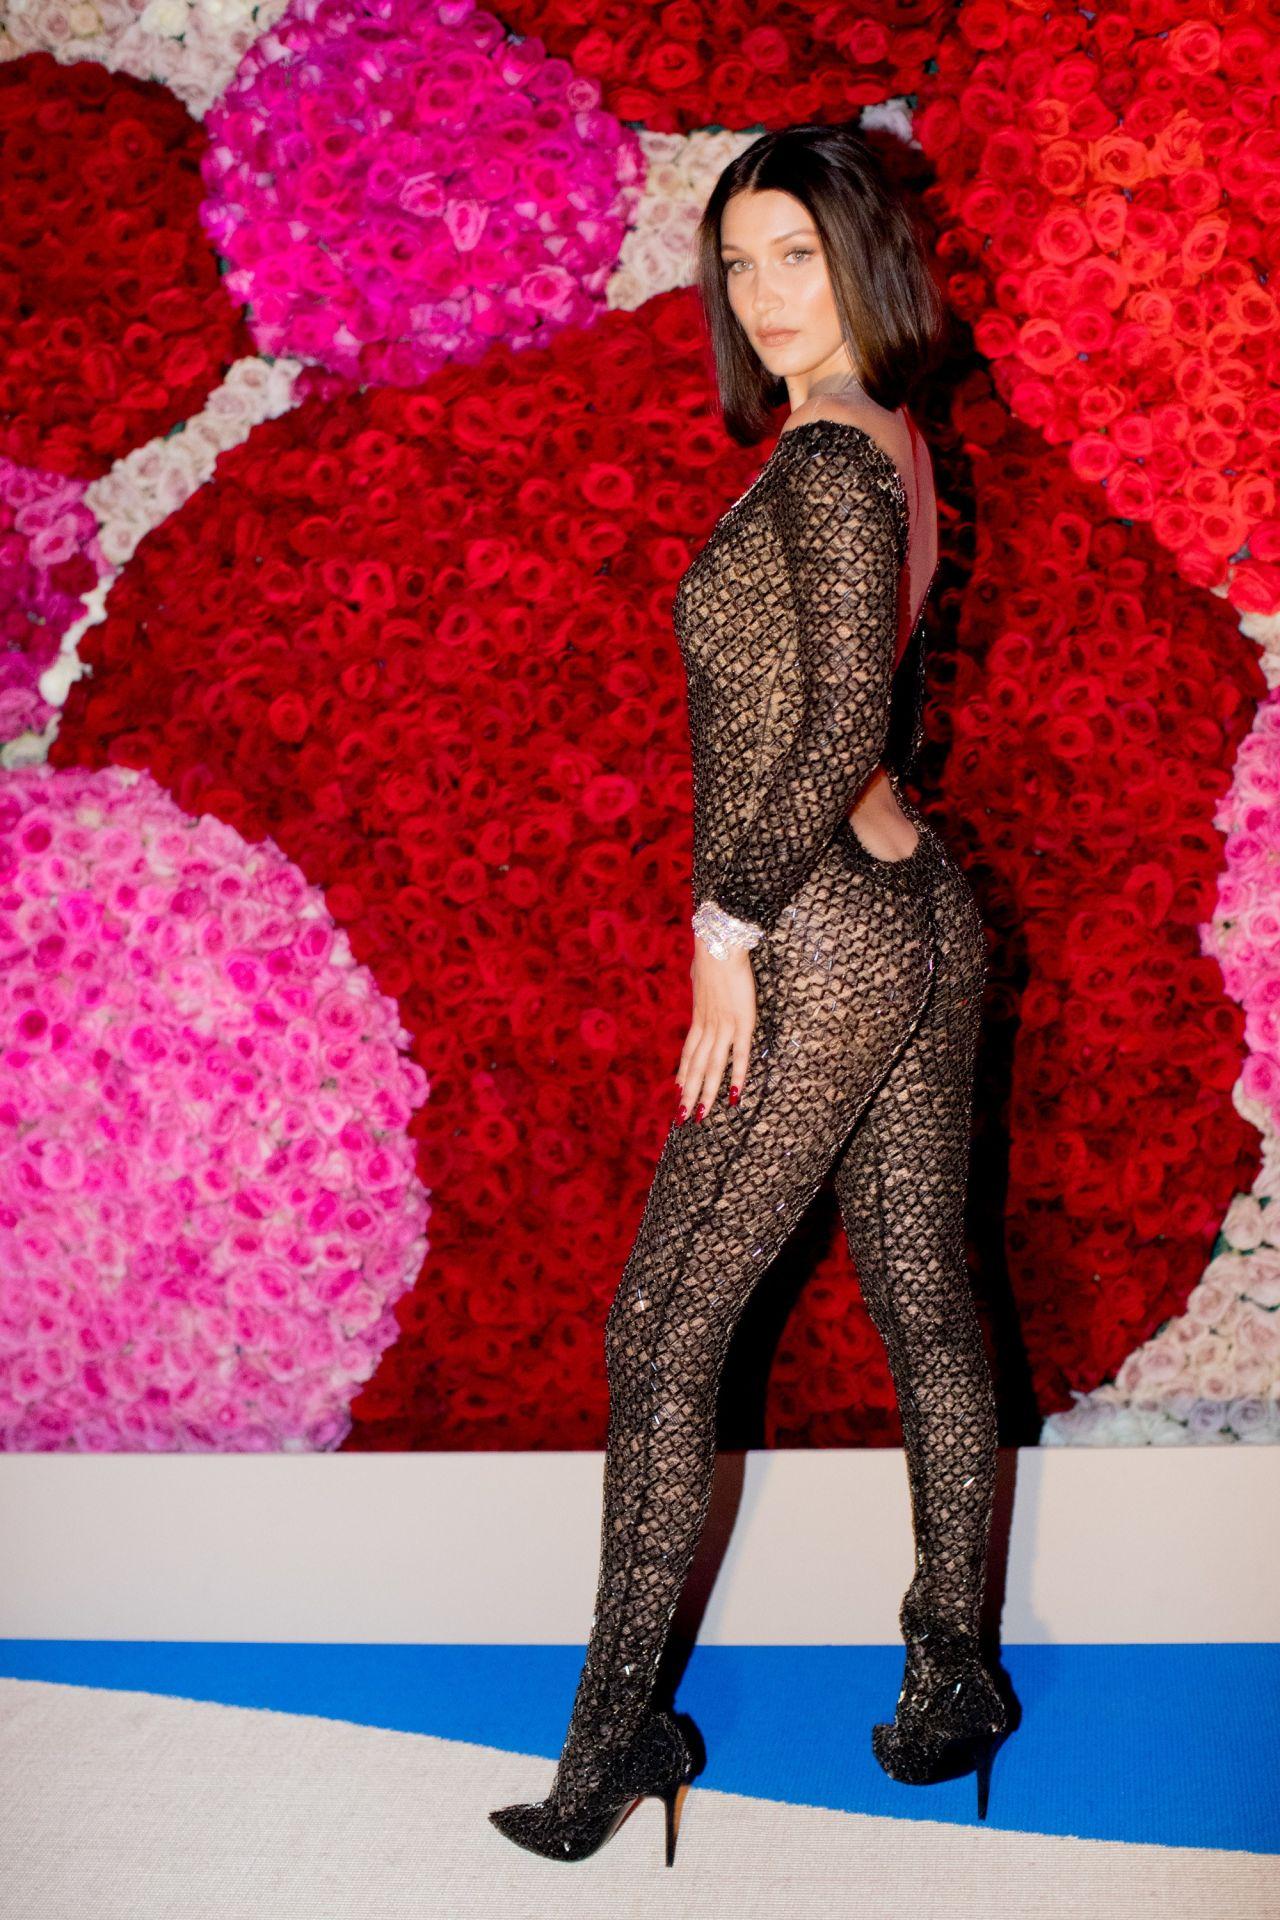 Fall In Paris Wallpaper Bella Hadid At Met Gala In New York 05 01 2017